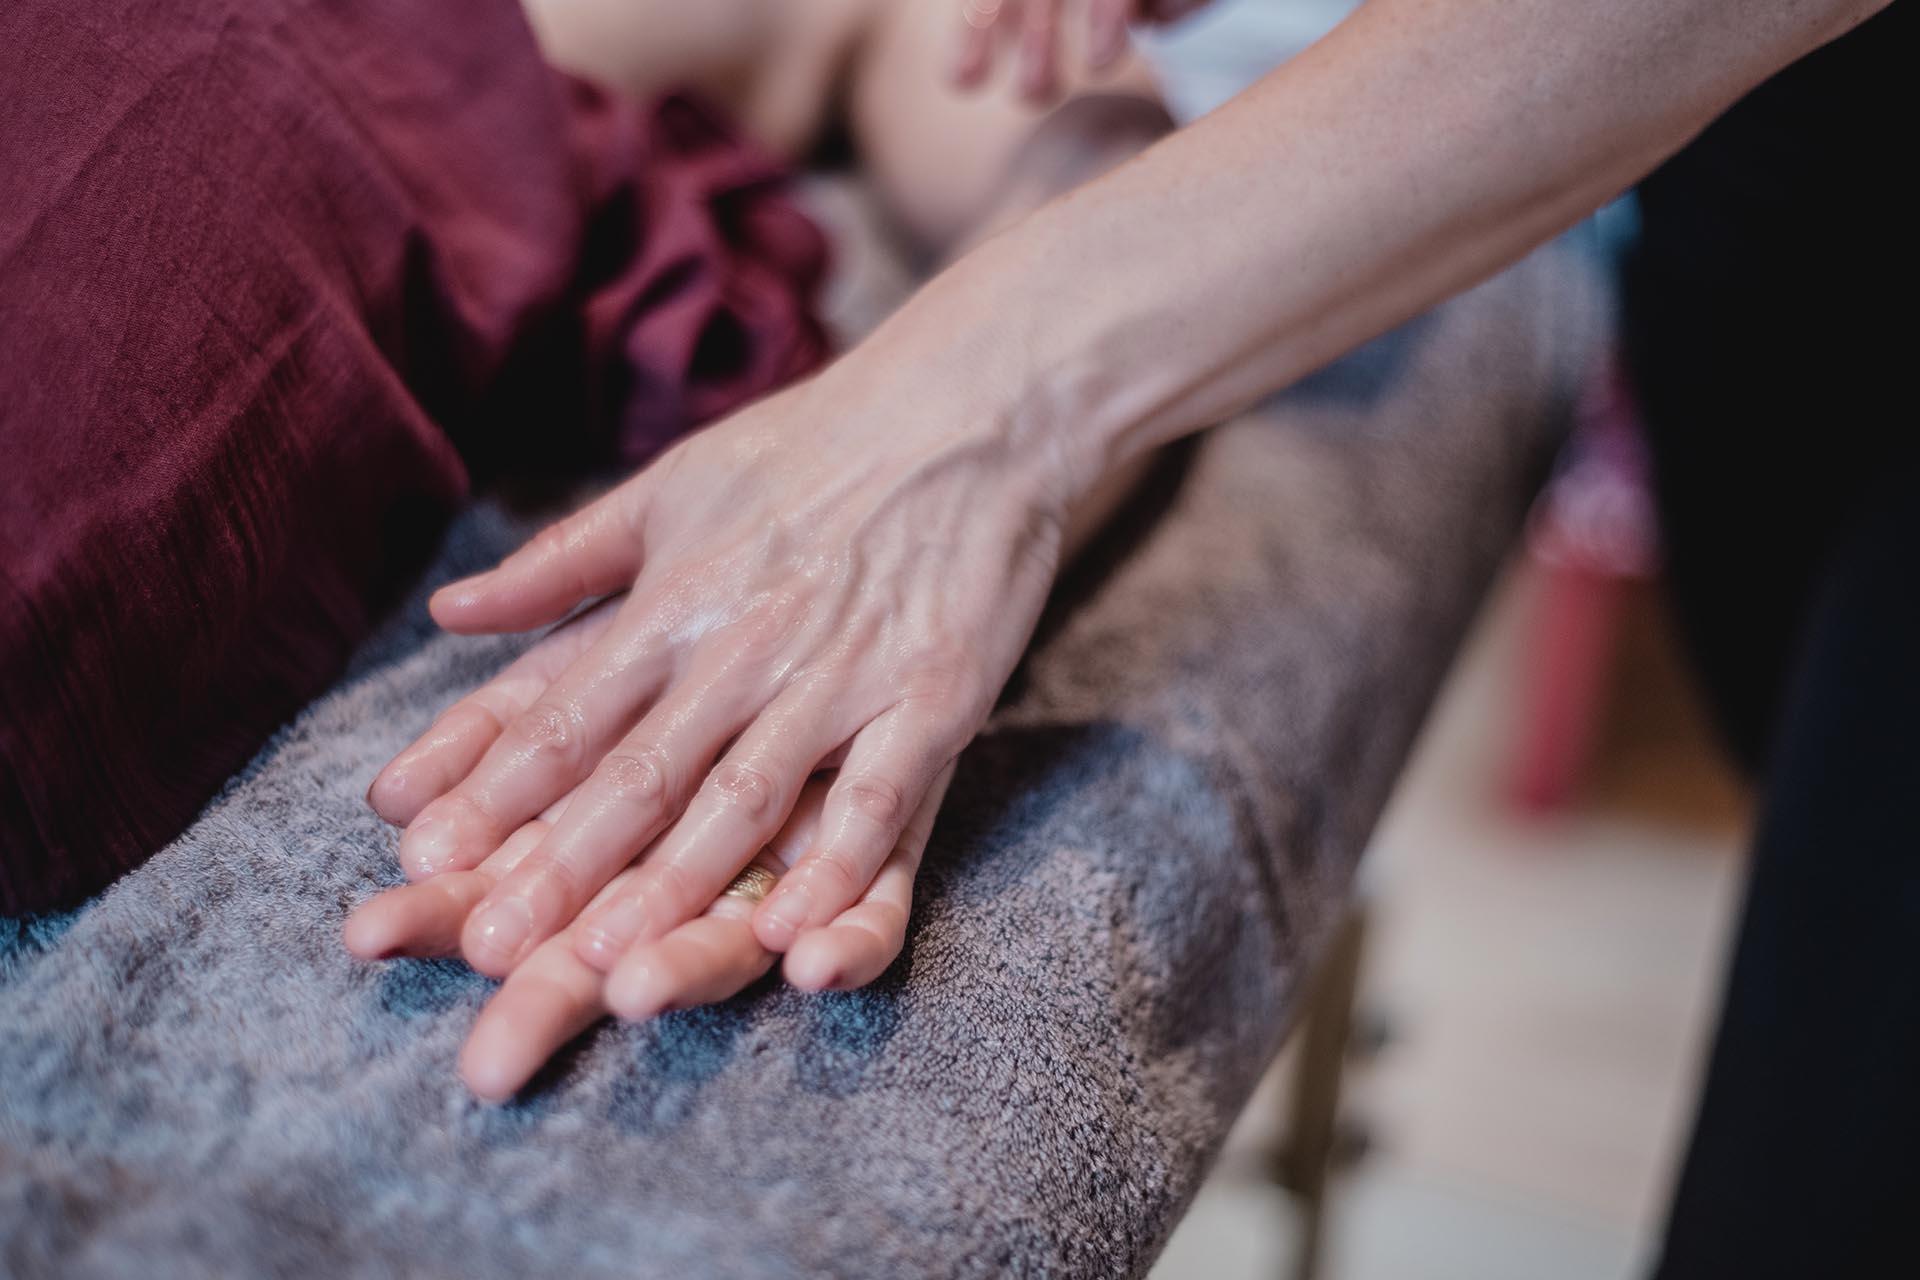 toucher massage virginie barrais